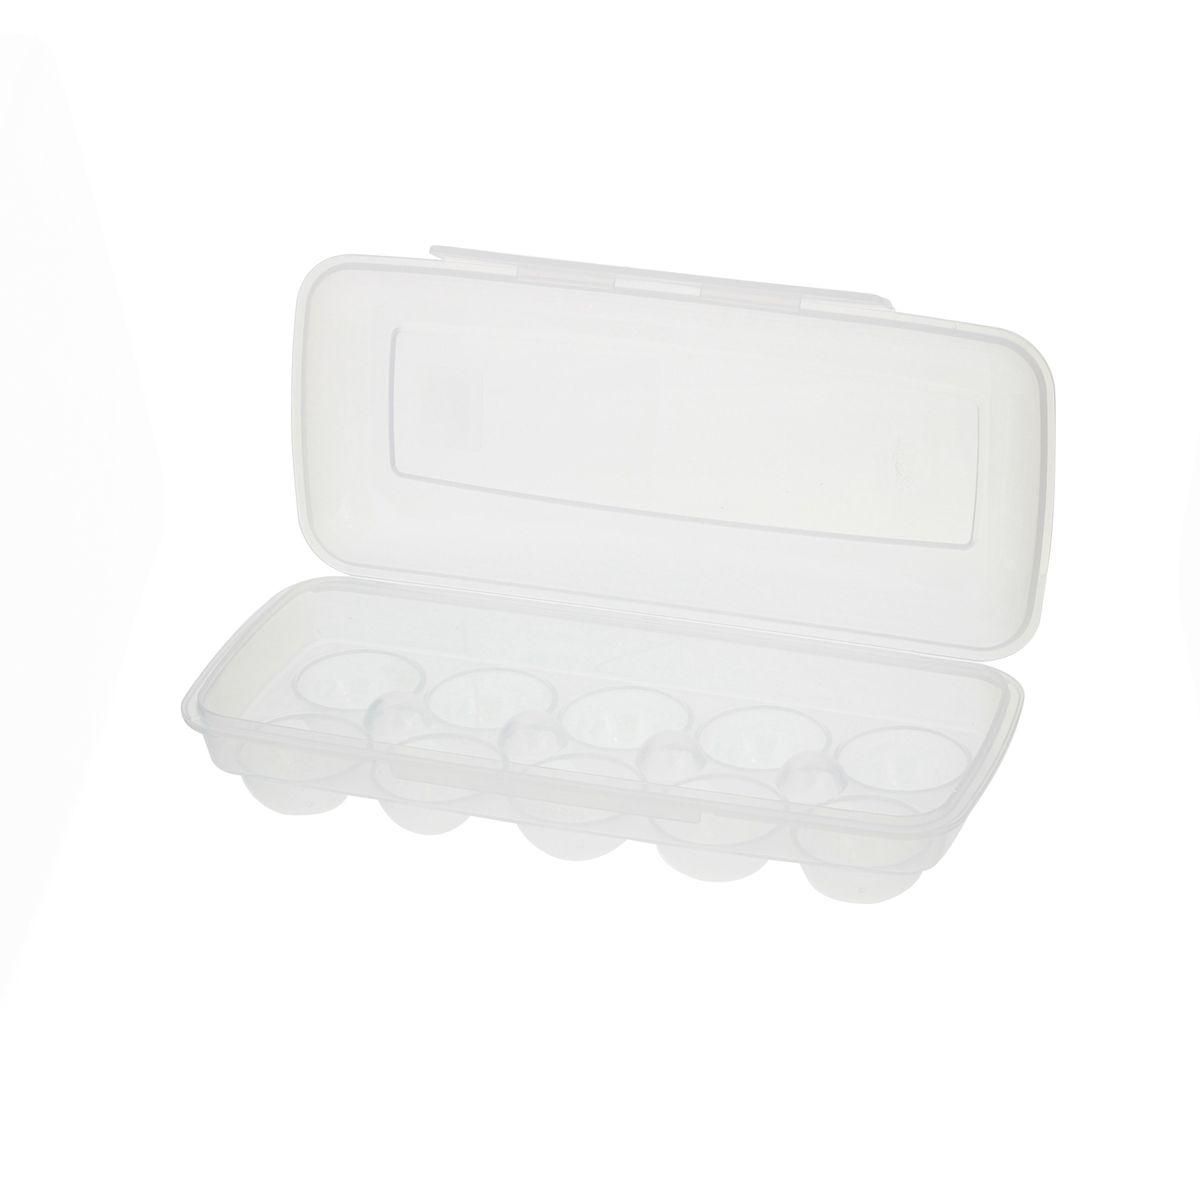 Boîte à 10 oeufs Clip & Close en plastique transparent - Emsa